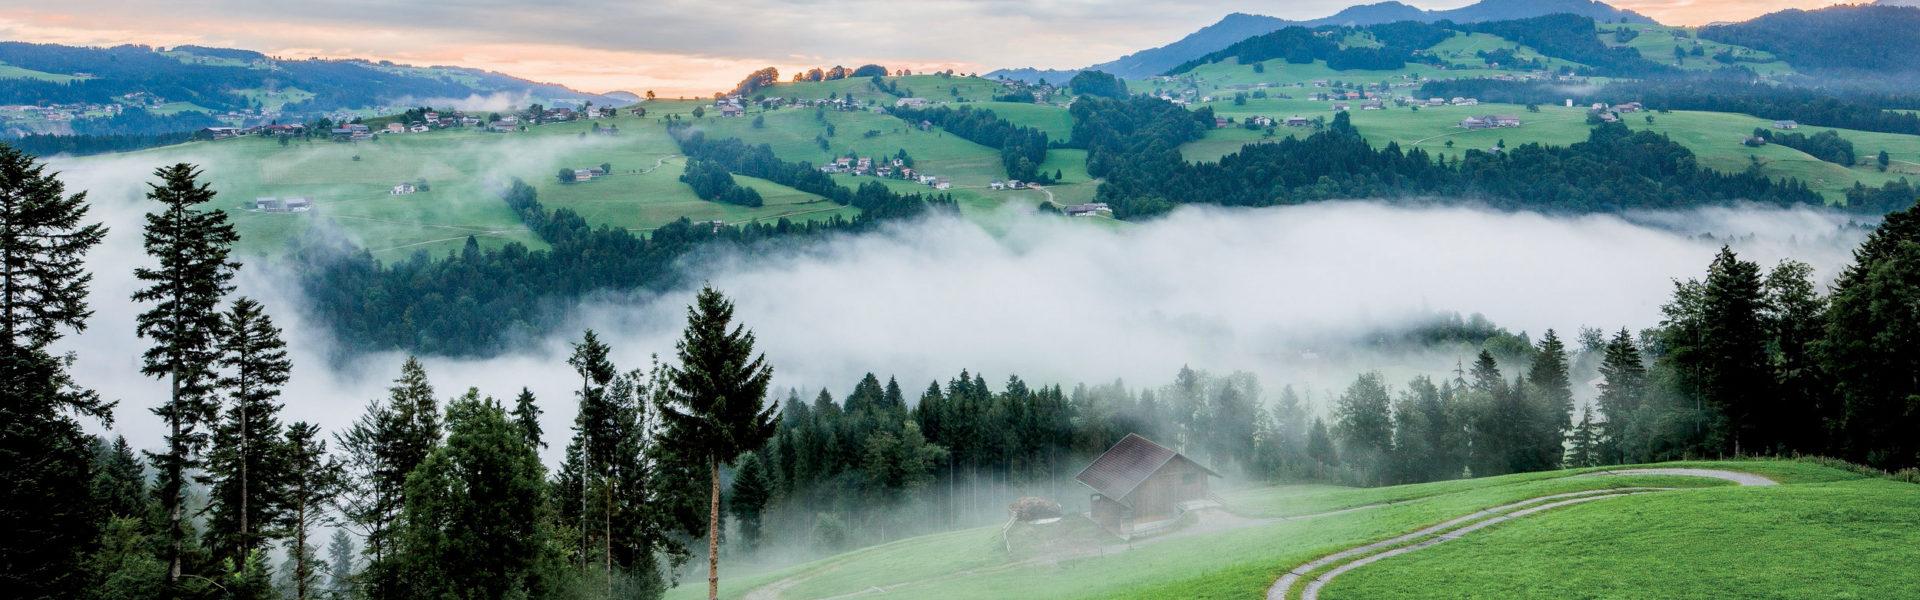 Bregenzerwald © Dietmar Walser / Vorarlberg Tourismus